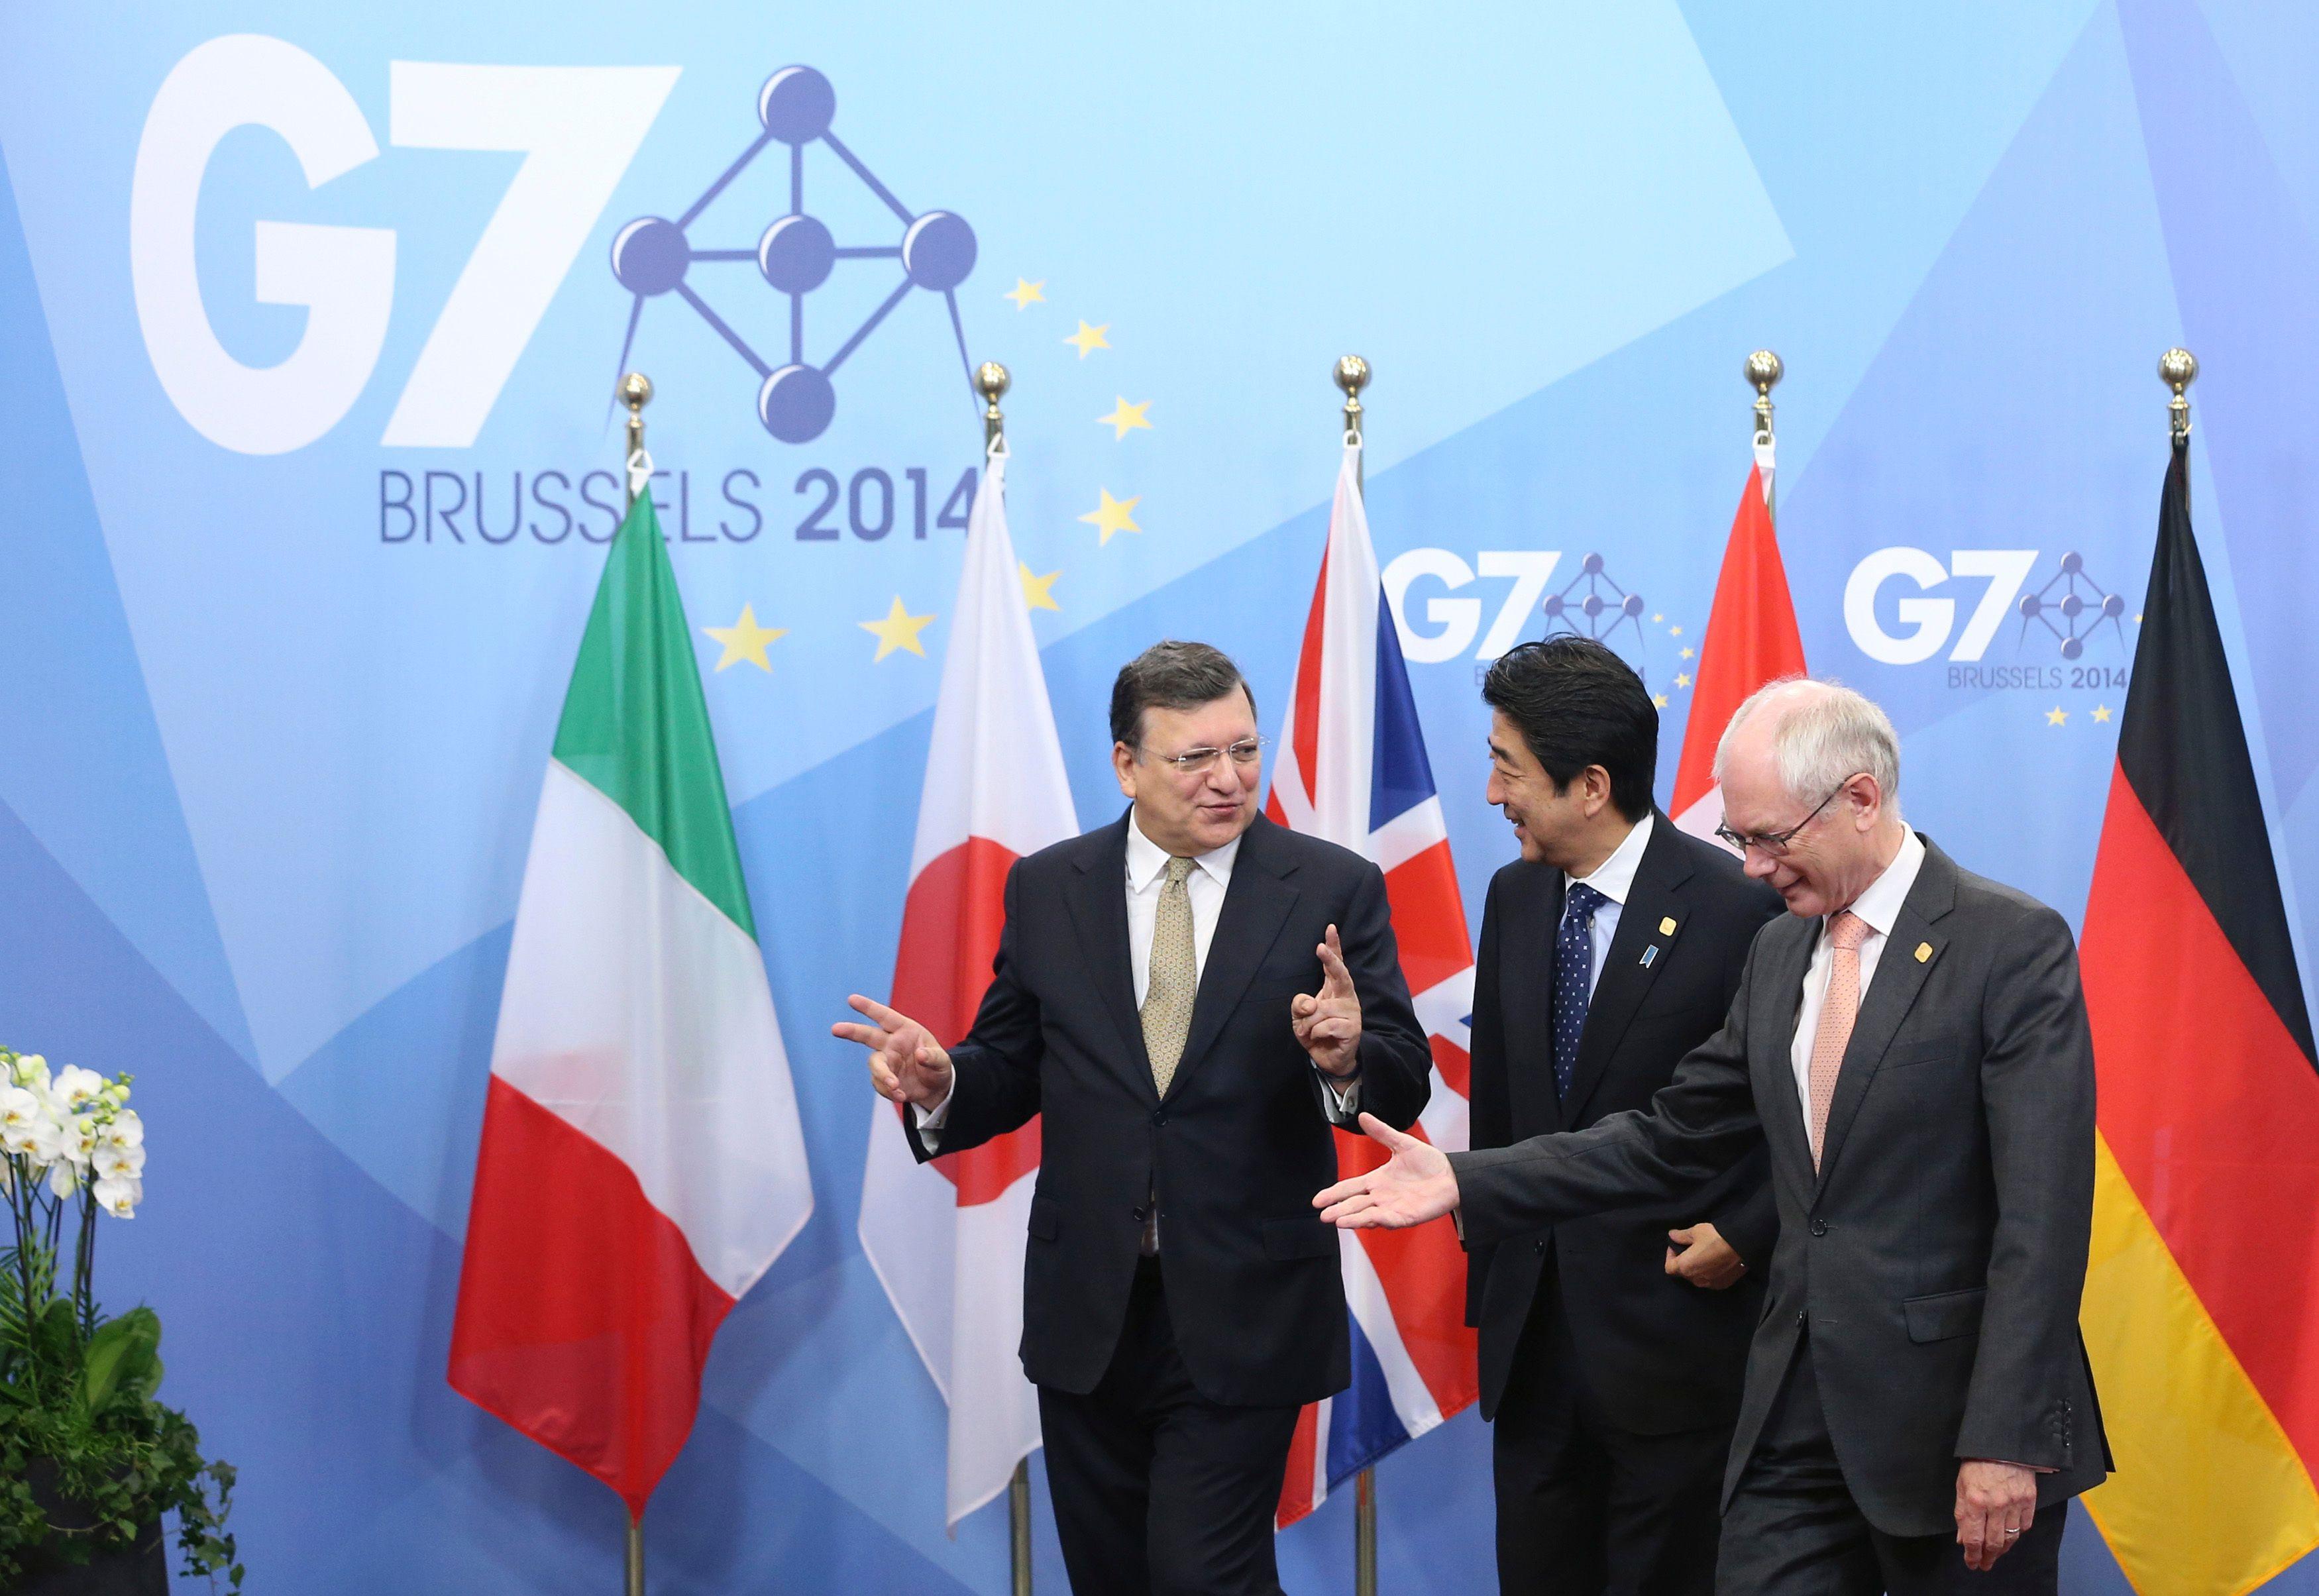 Les G7 sont-ils devenus totalement inutiles?